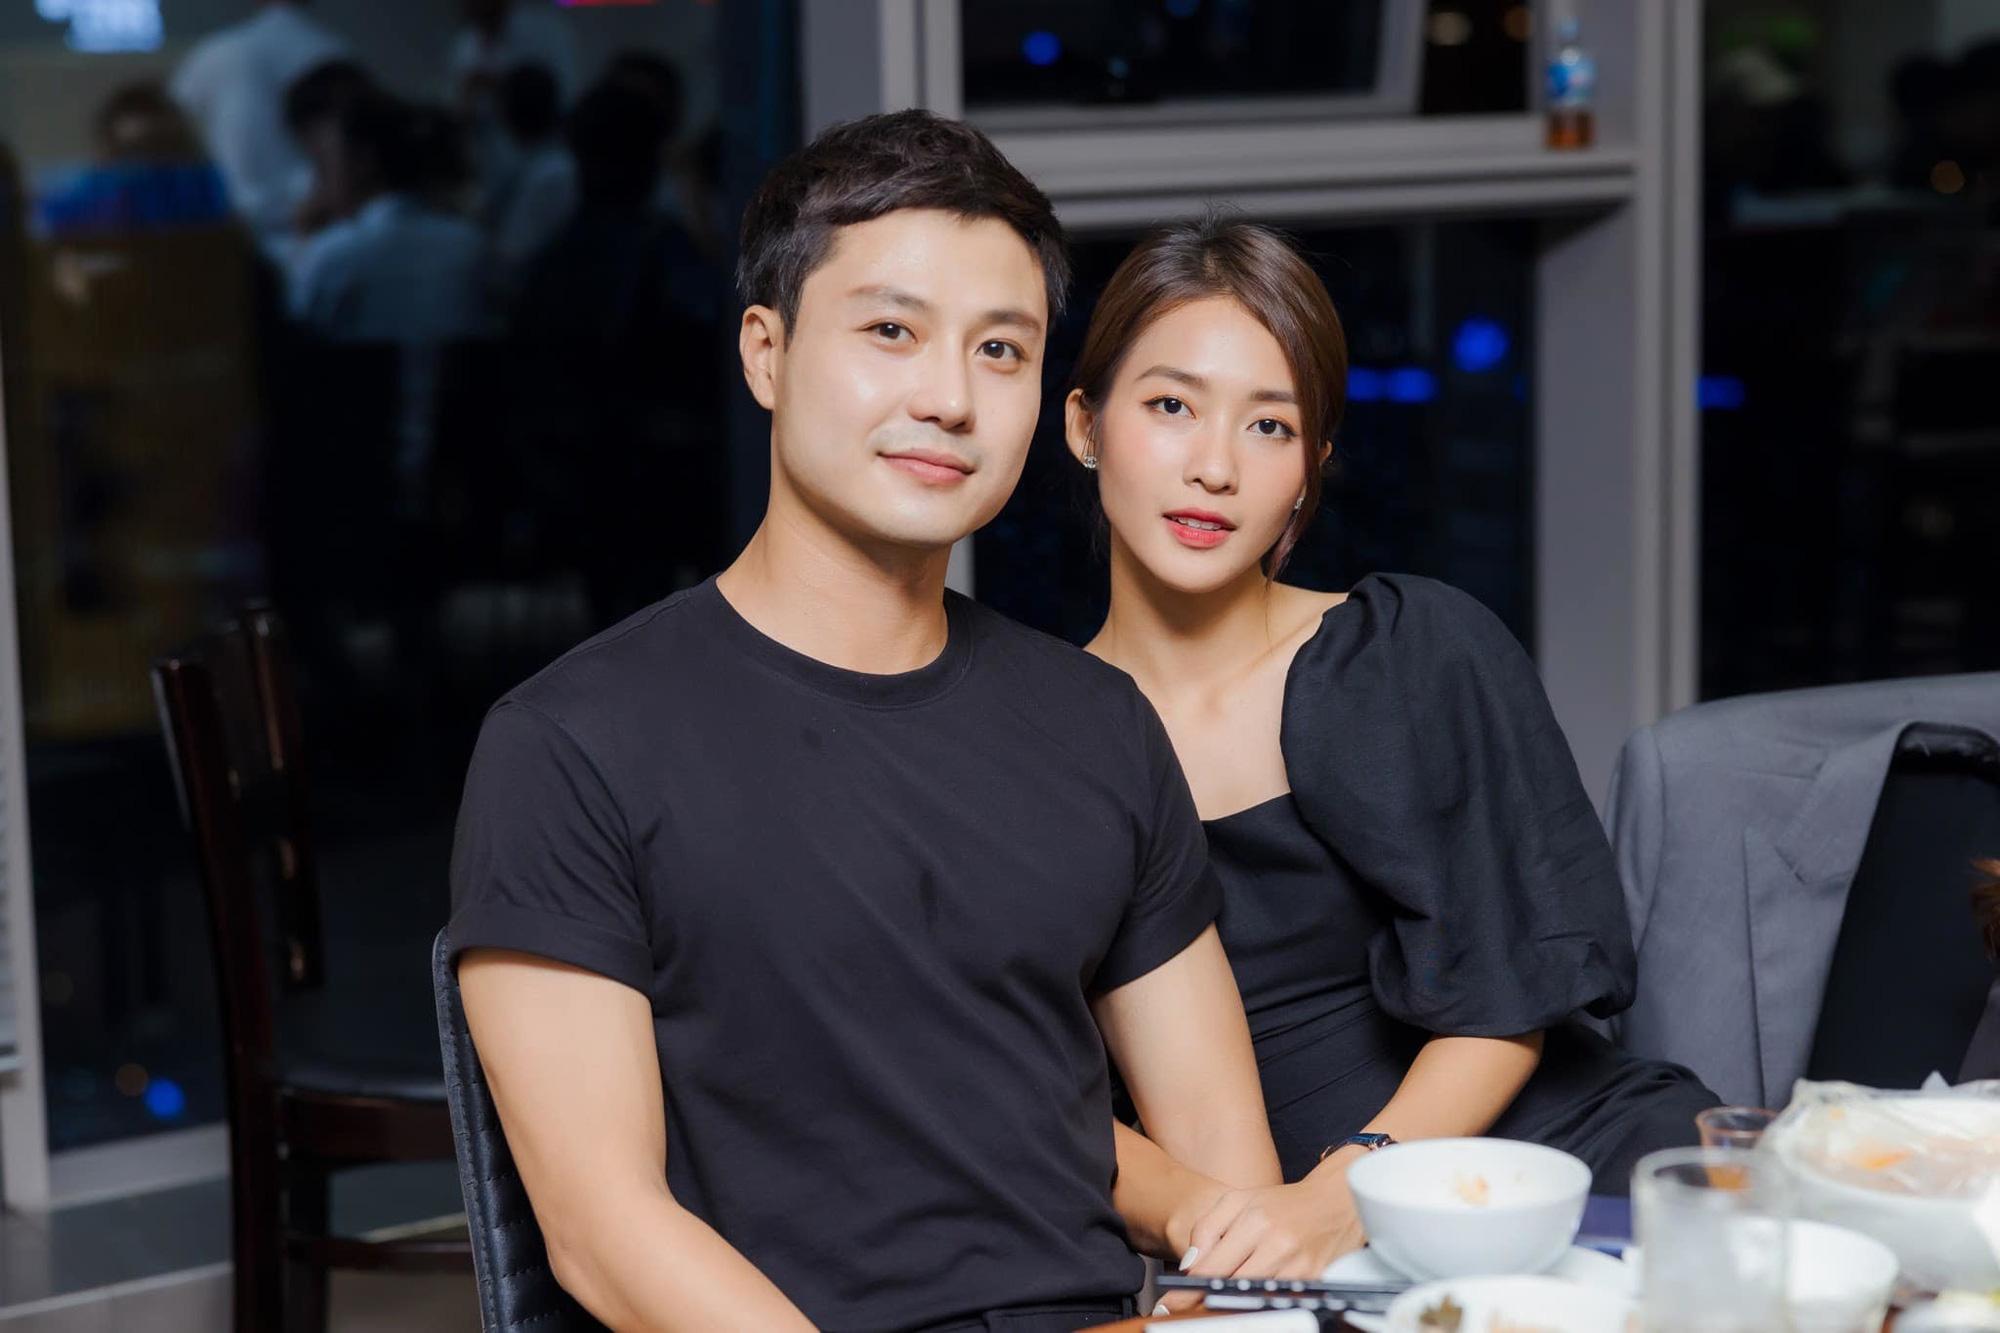 """Thanh Sơn như hình với bóng bên Khả Ngân lộ """"hint"""" hẹn hò, còn """"tình tin đồn"""" Quỳnh Kool thì sao?"""